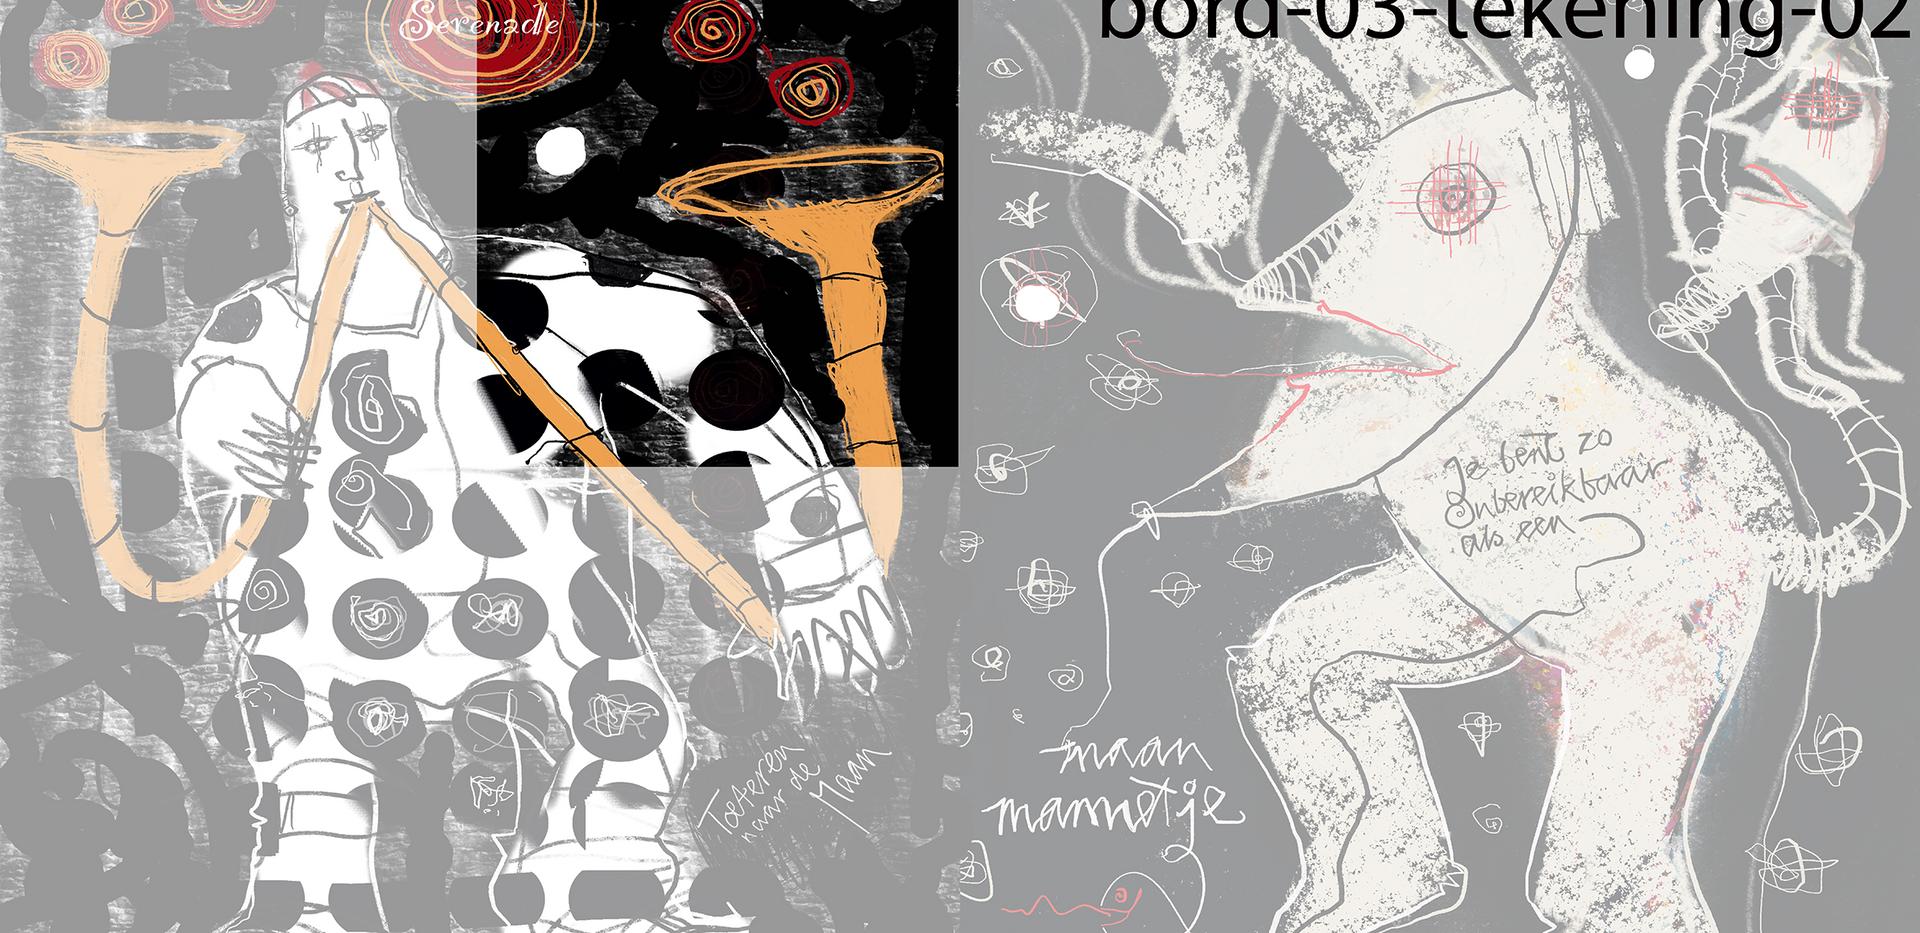 bord-03-tekening-02.png